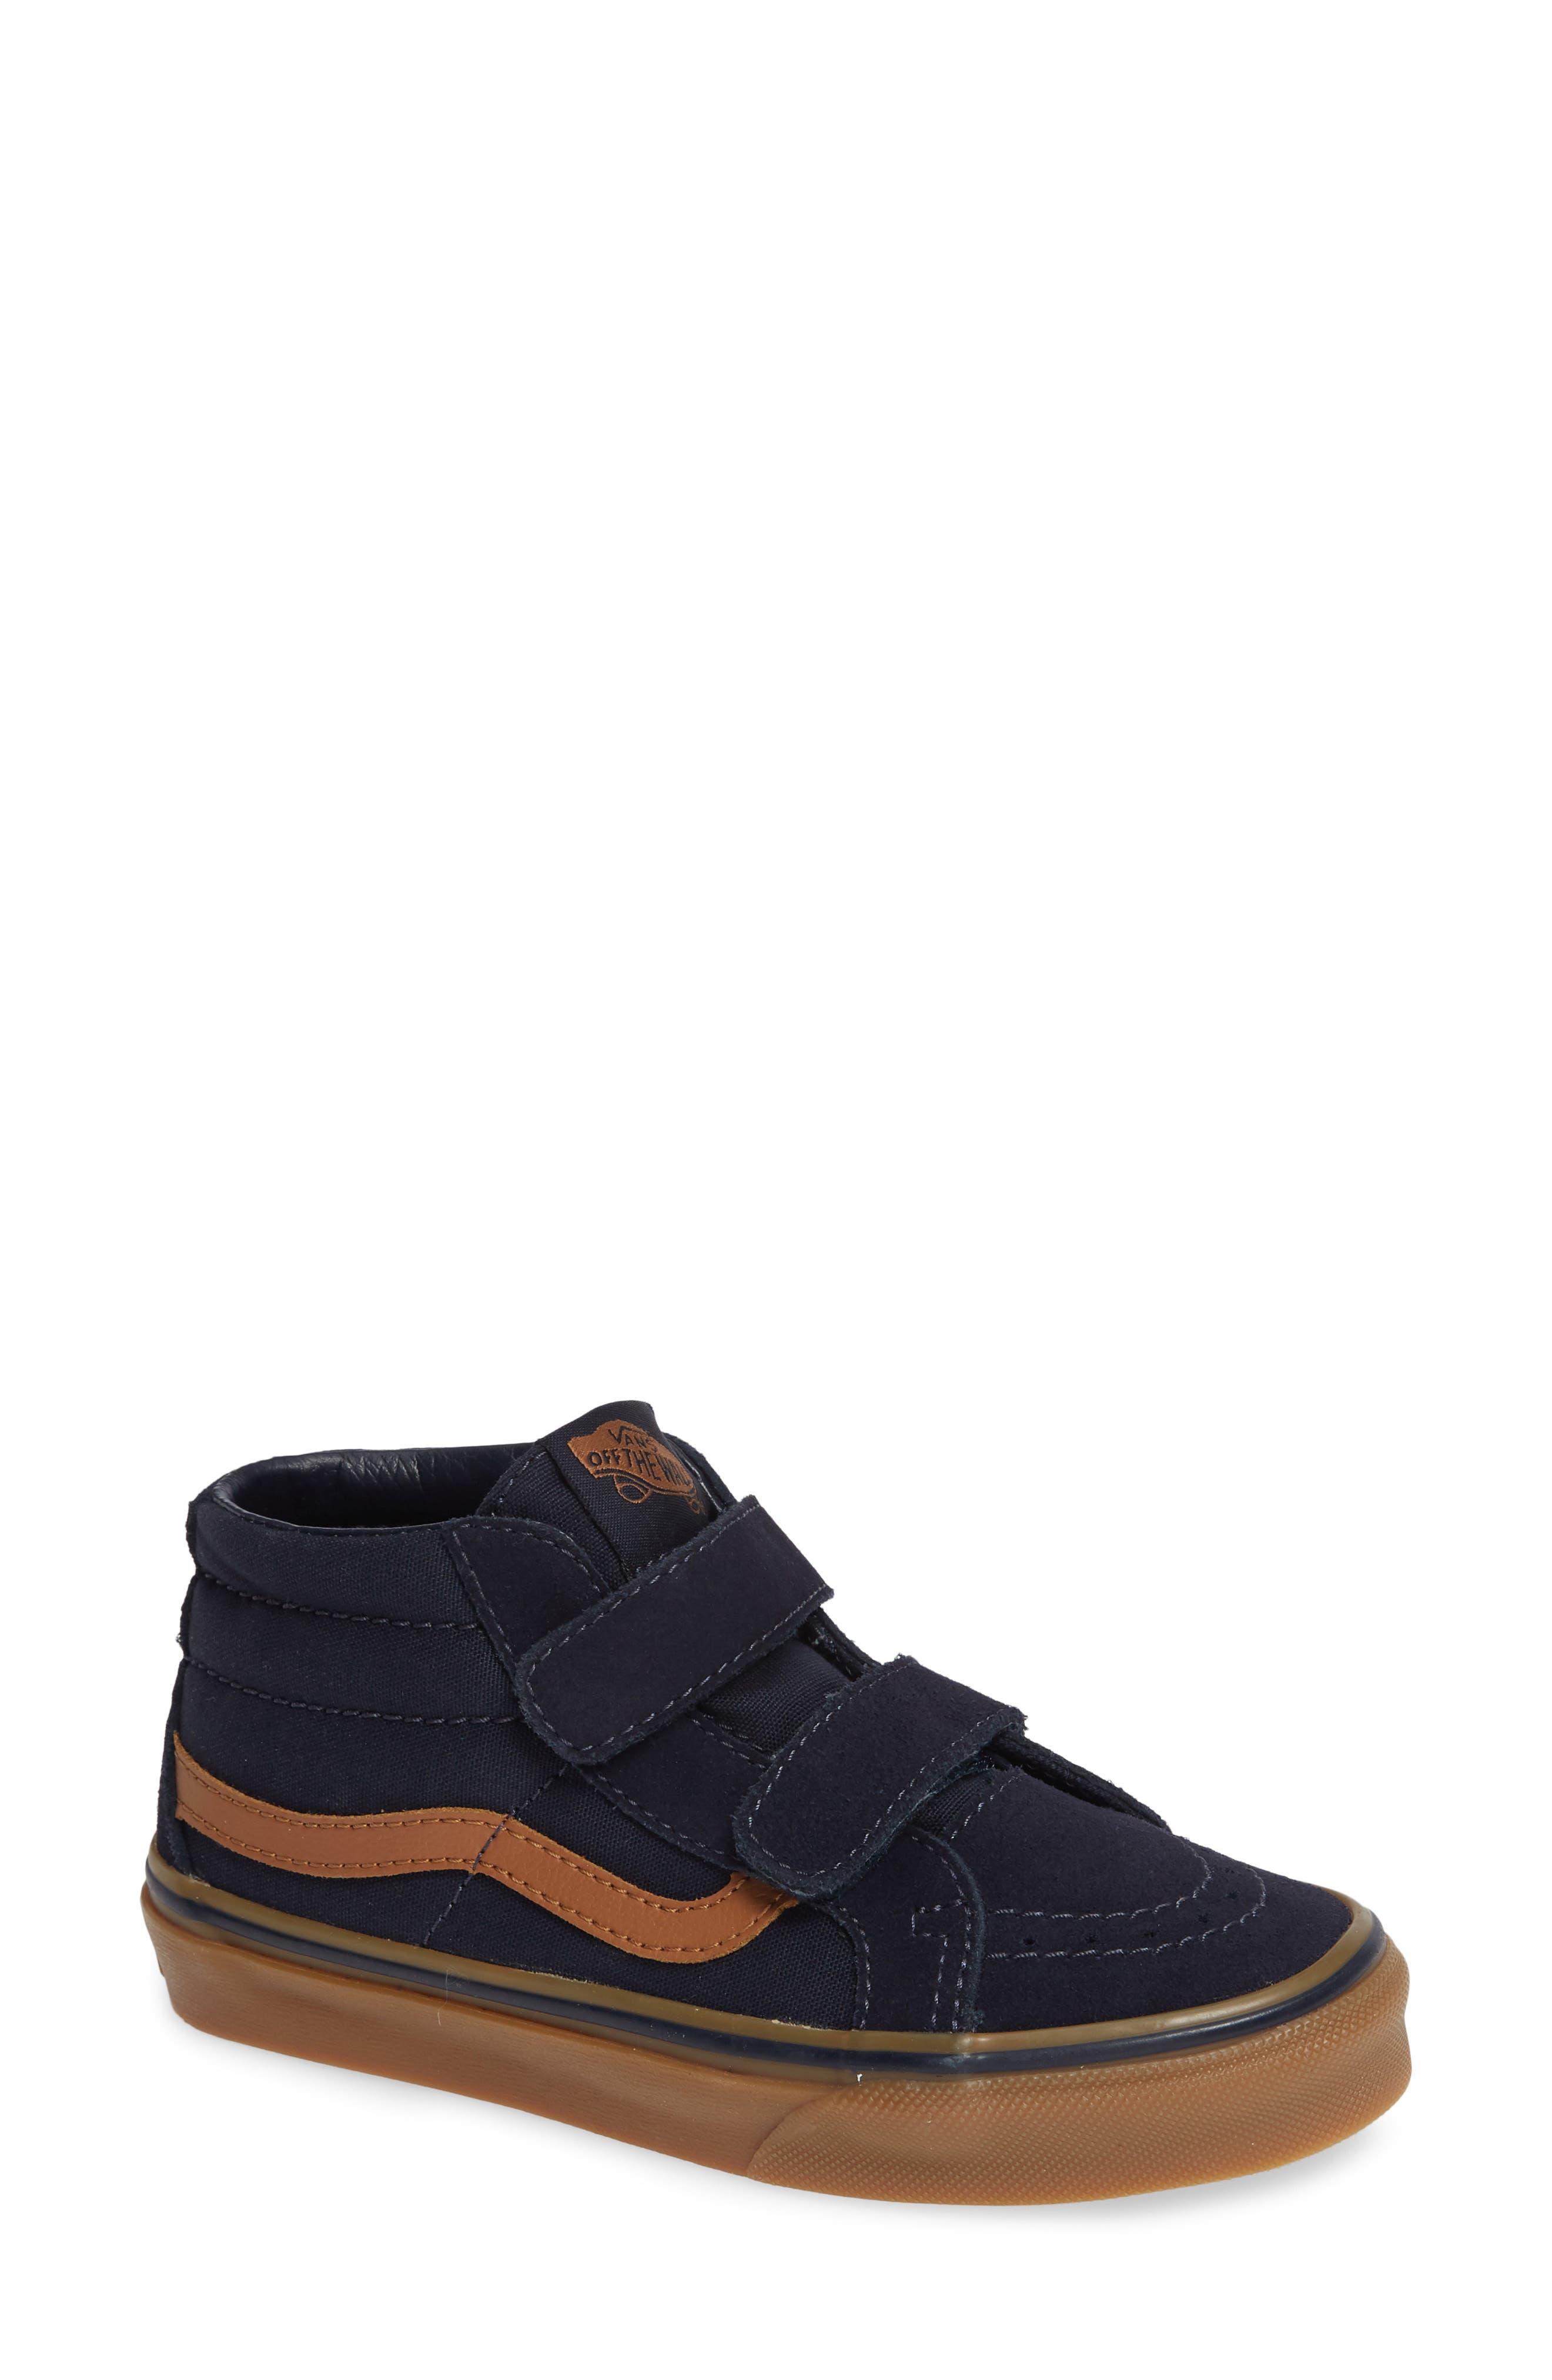 Toddler Boys Vans Sk8Mid Reissue V Sneaker Size 9 M  Blue